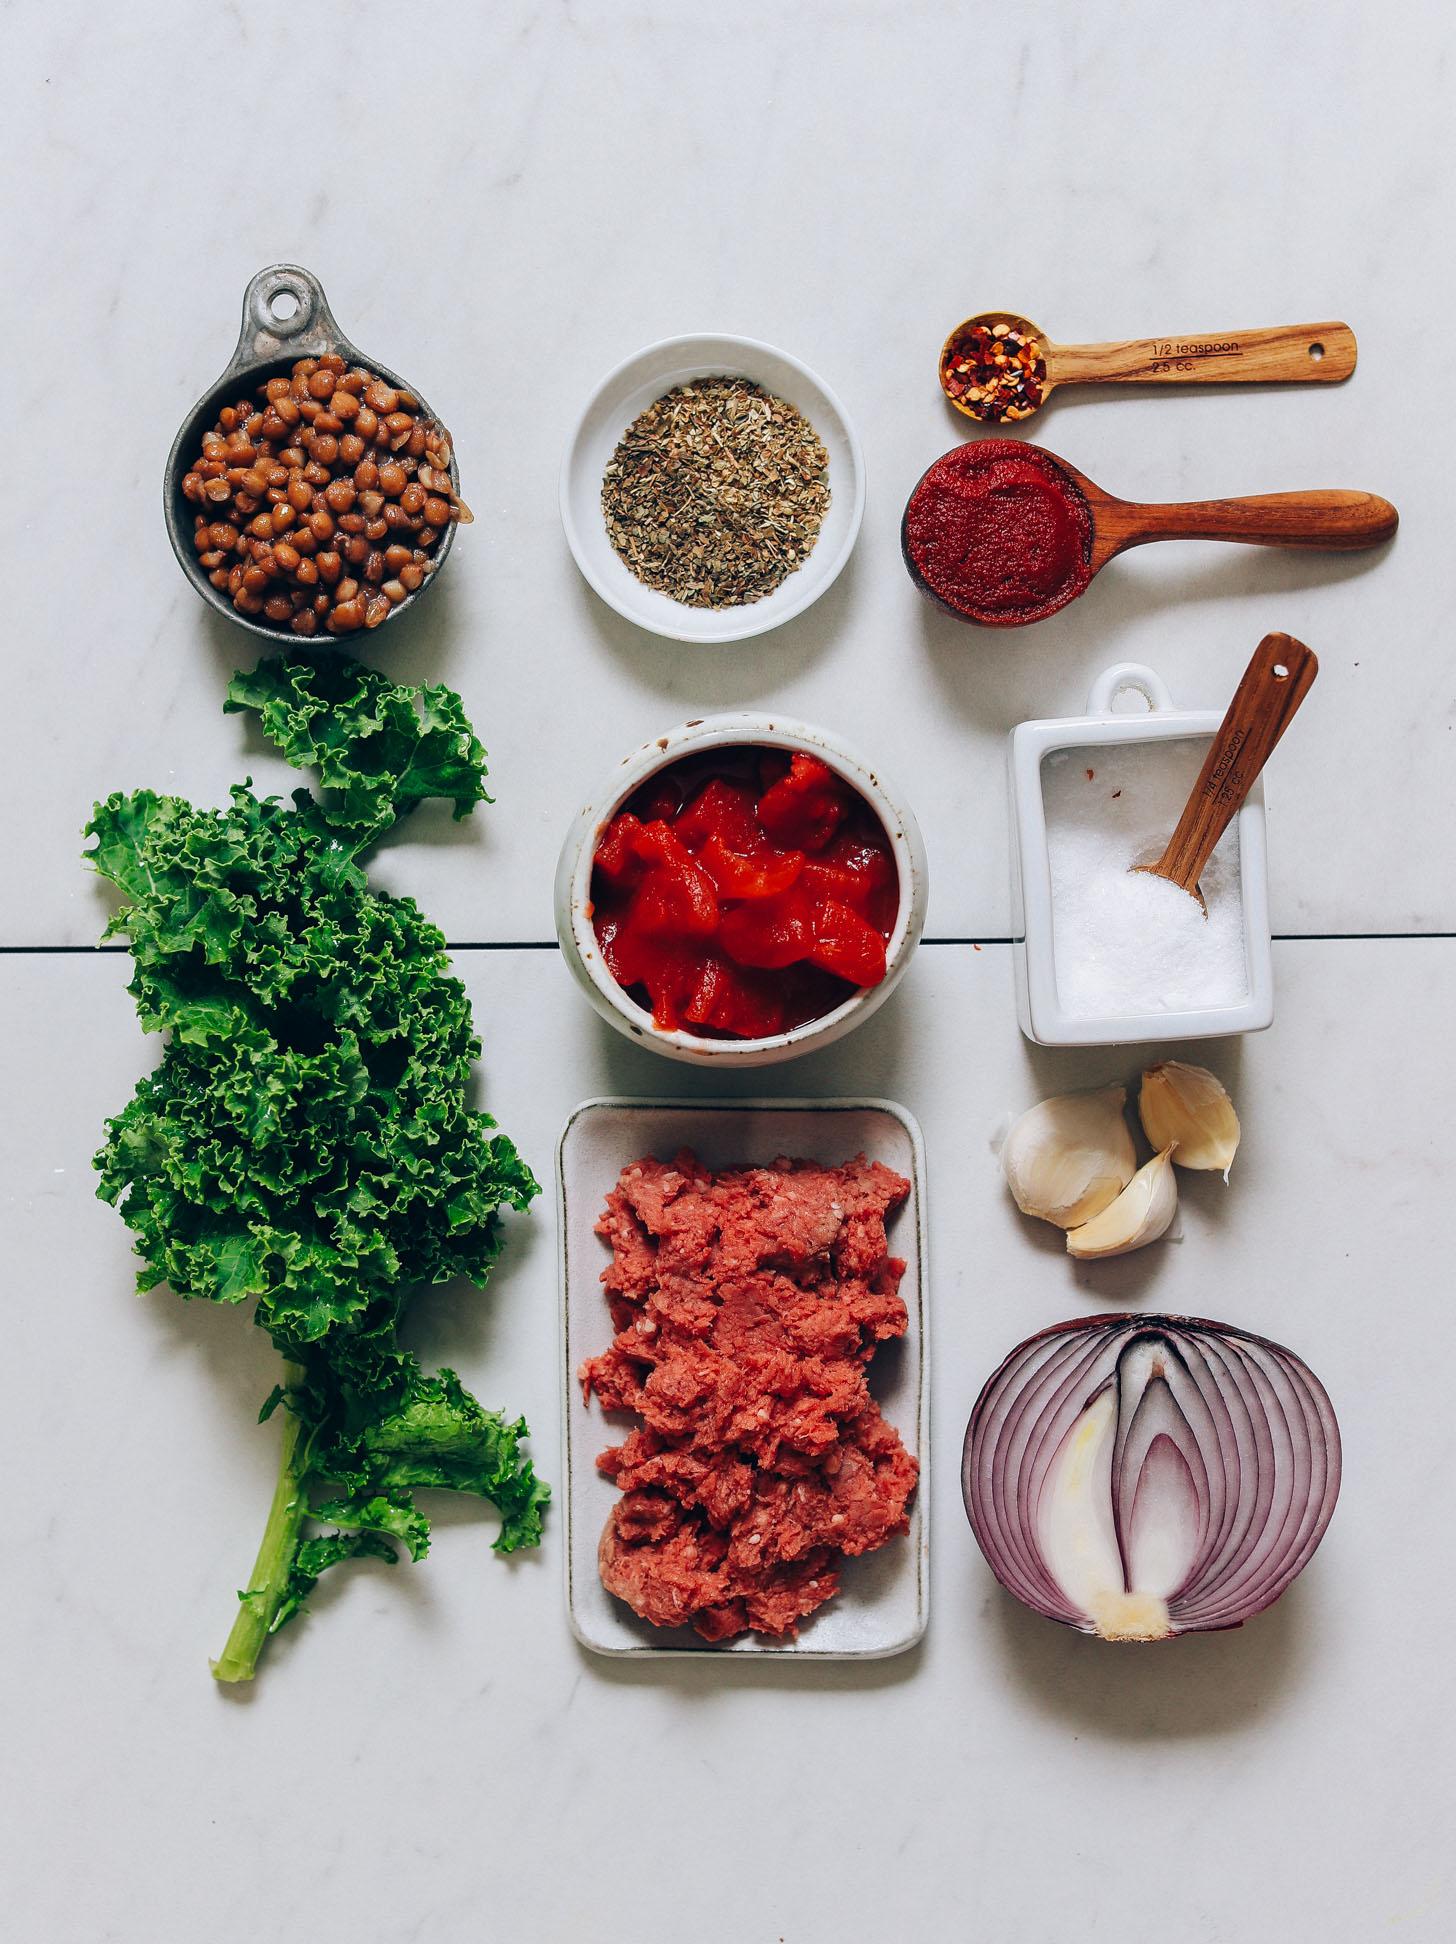 Col rizada, lentejas, tomates, hierbas, cebolla, ajo, sal y carne molida para hacer nuestra sopa de carne y lentejas al estilo toscano.